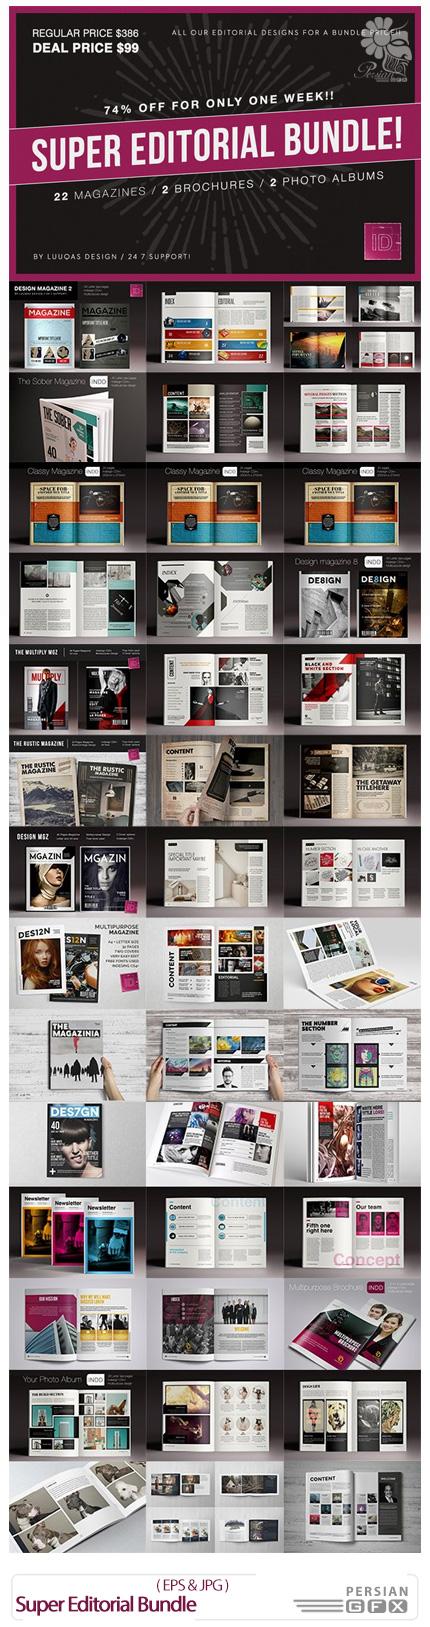 دانلود قالب آماده ایندیزاین مجله، بروشور و آلبوم عکس - Super Editorial Bundle